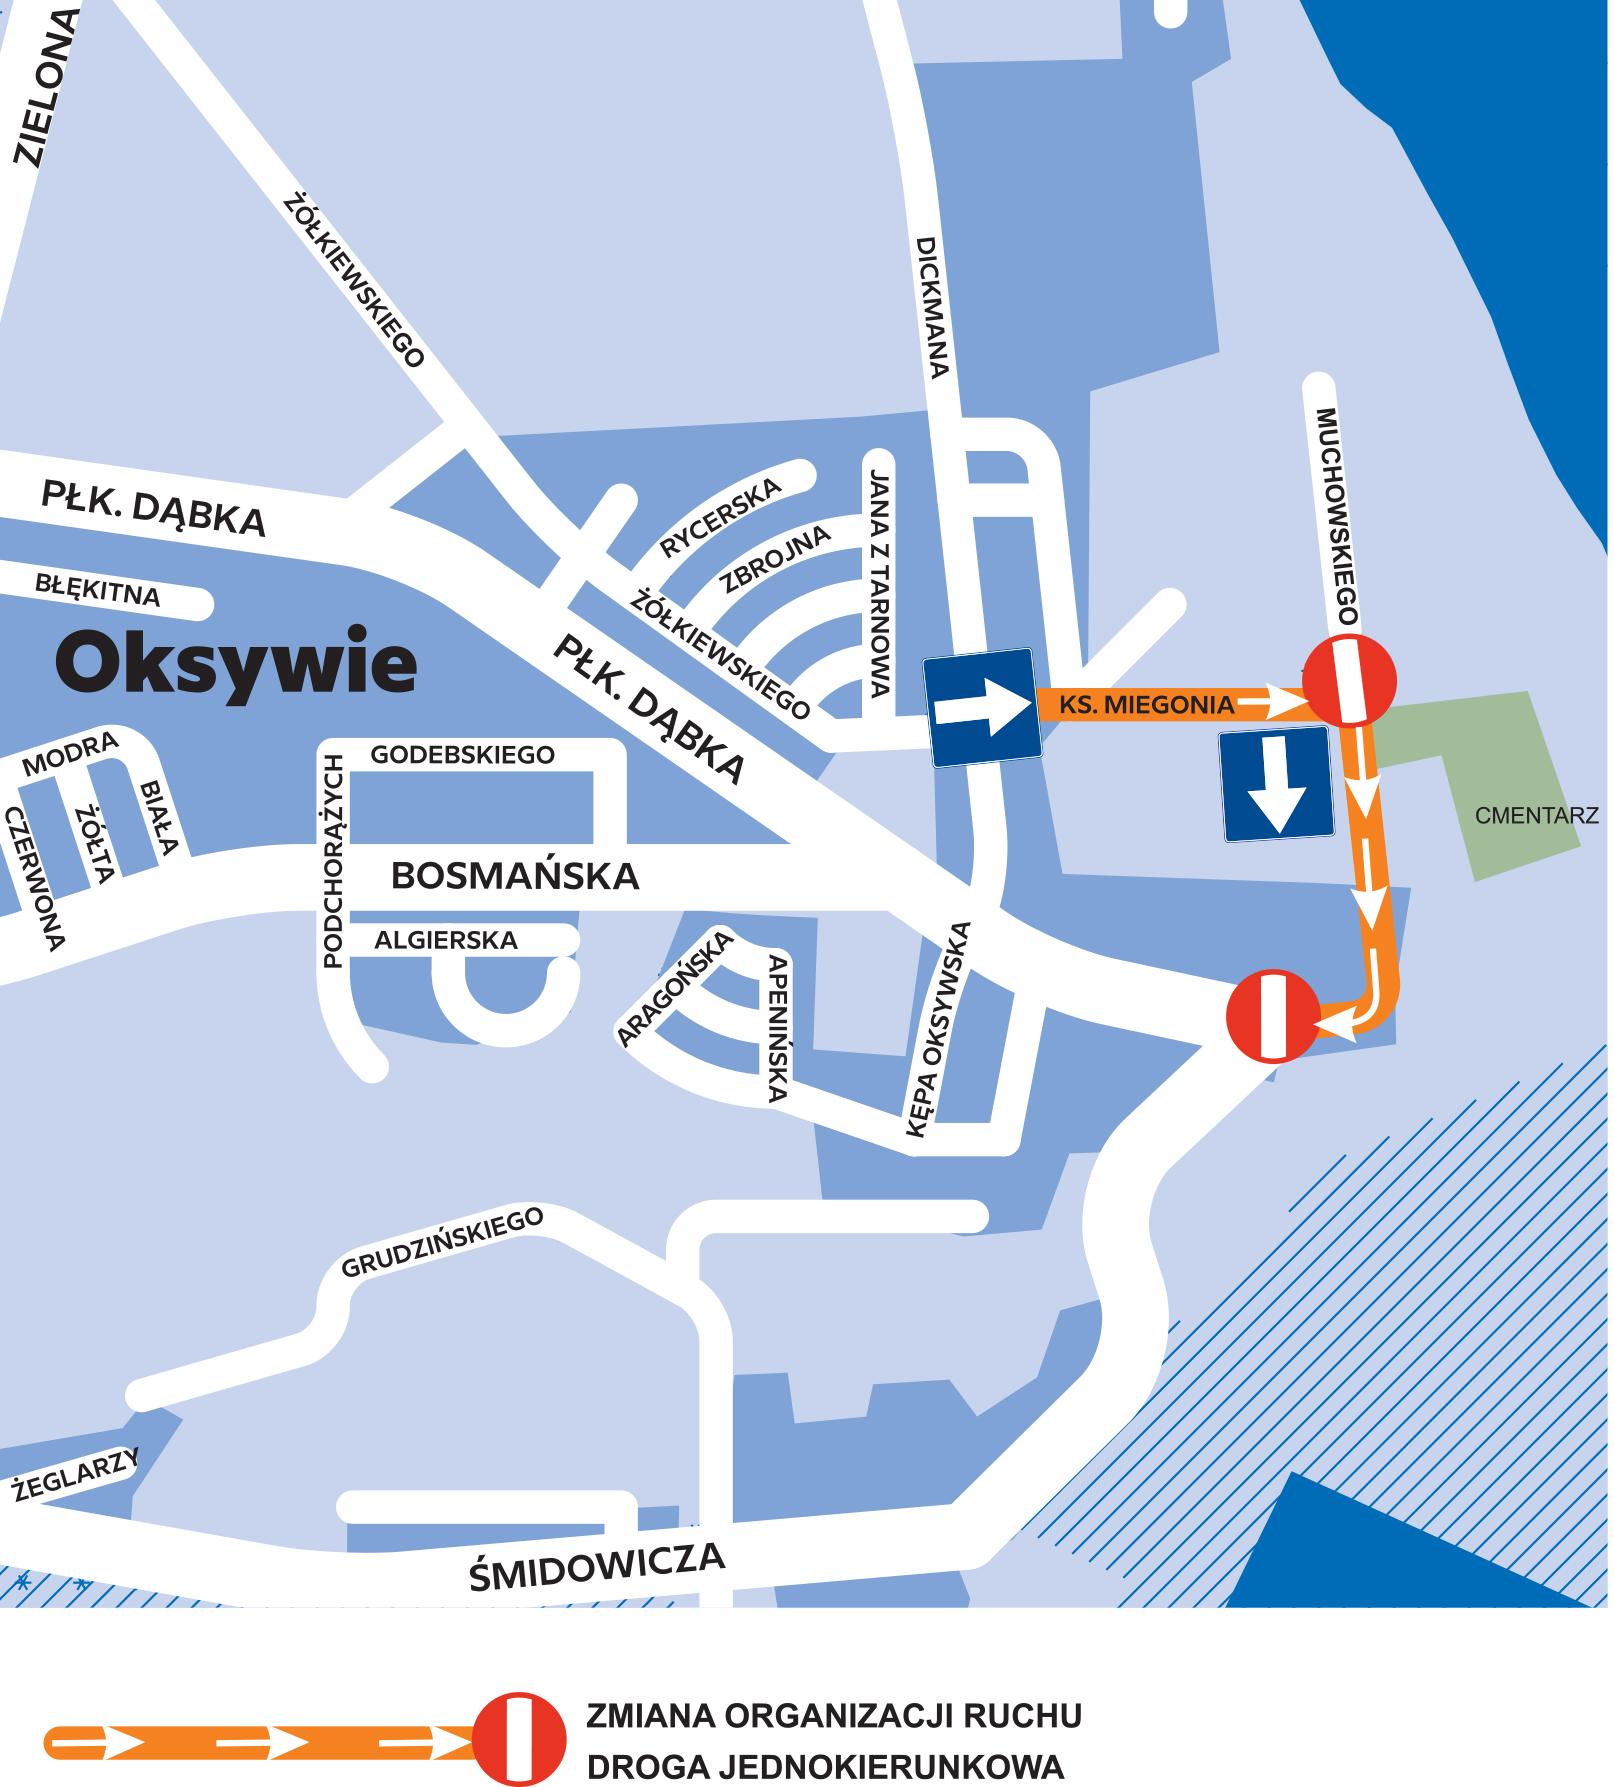 Grafika przedstawia zmiany w organizacji ruchu w obrębie cmentarza na Oksywiu